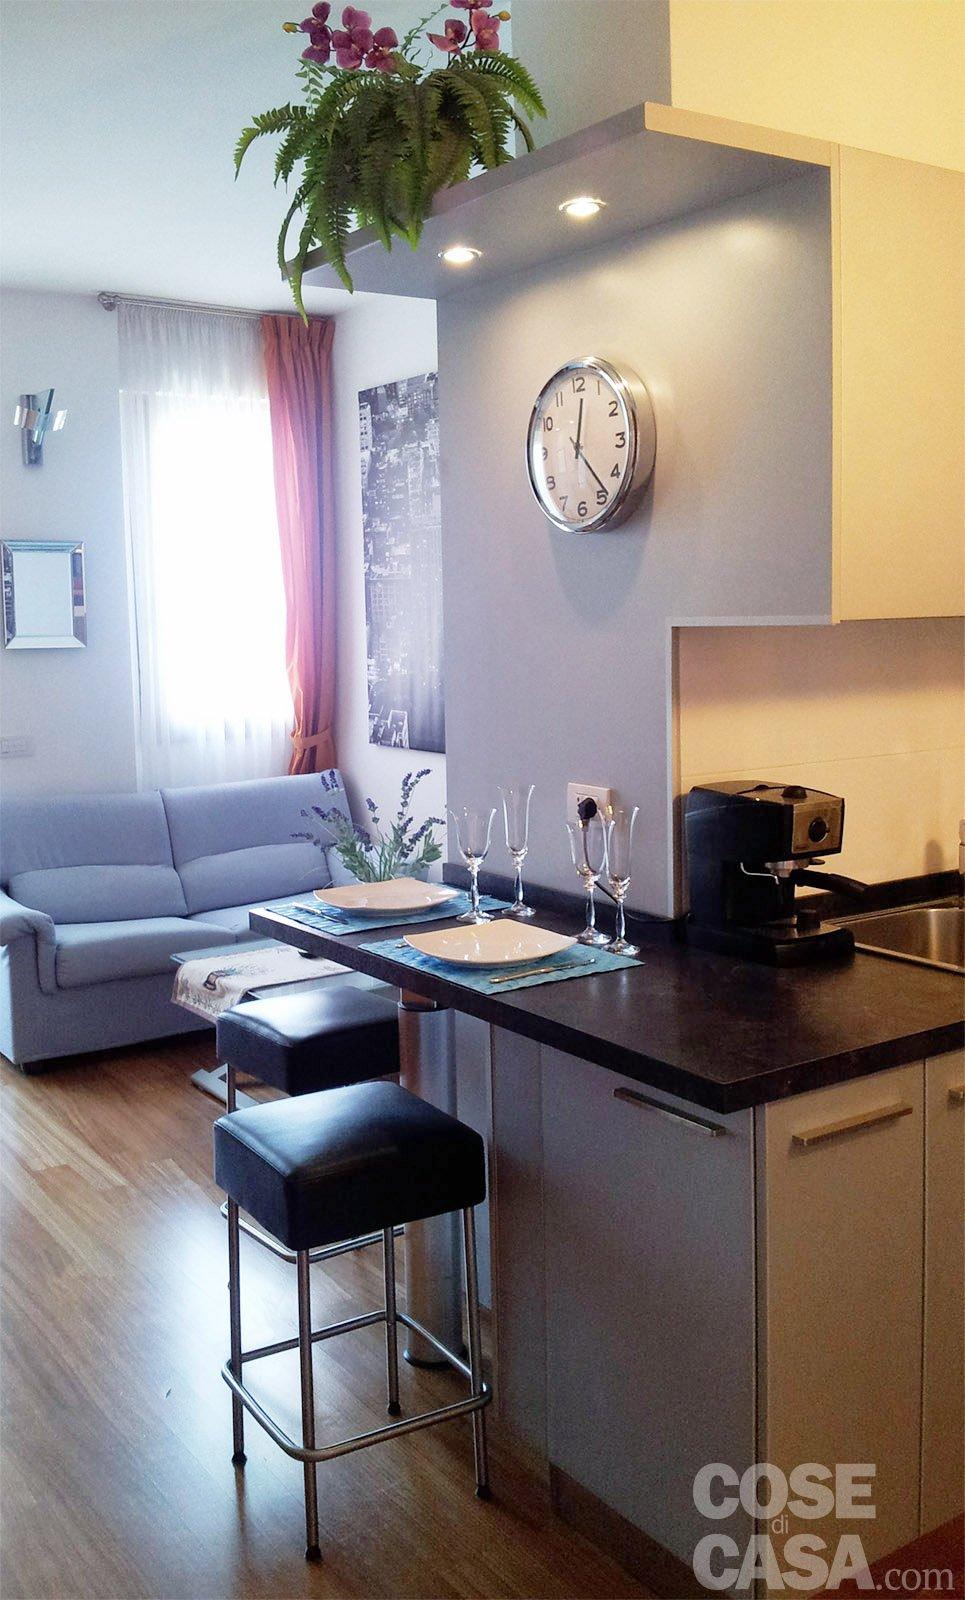 Mobili soggiorno moderno ad angolo : mobile soggiorno moderno ad ...